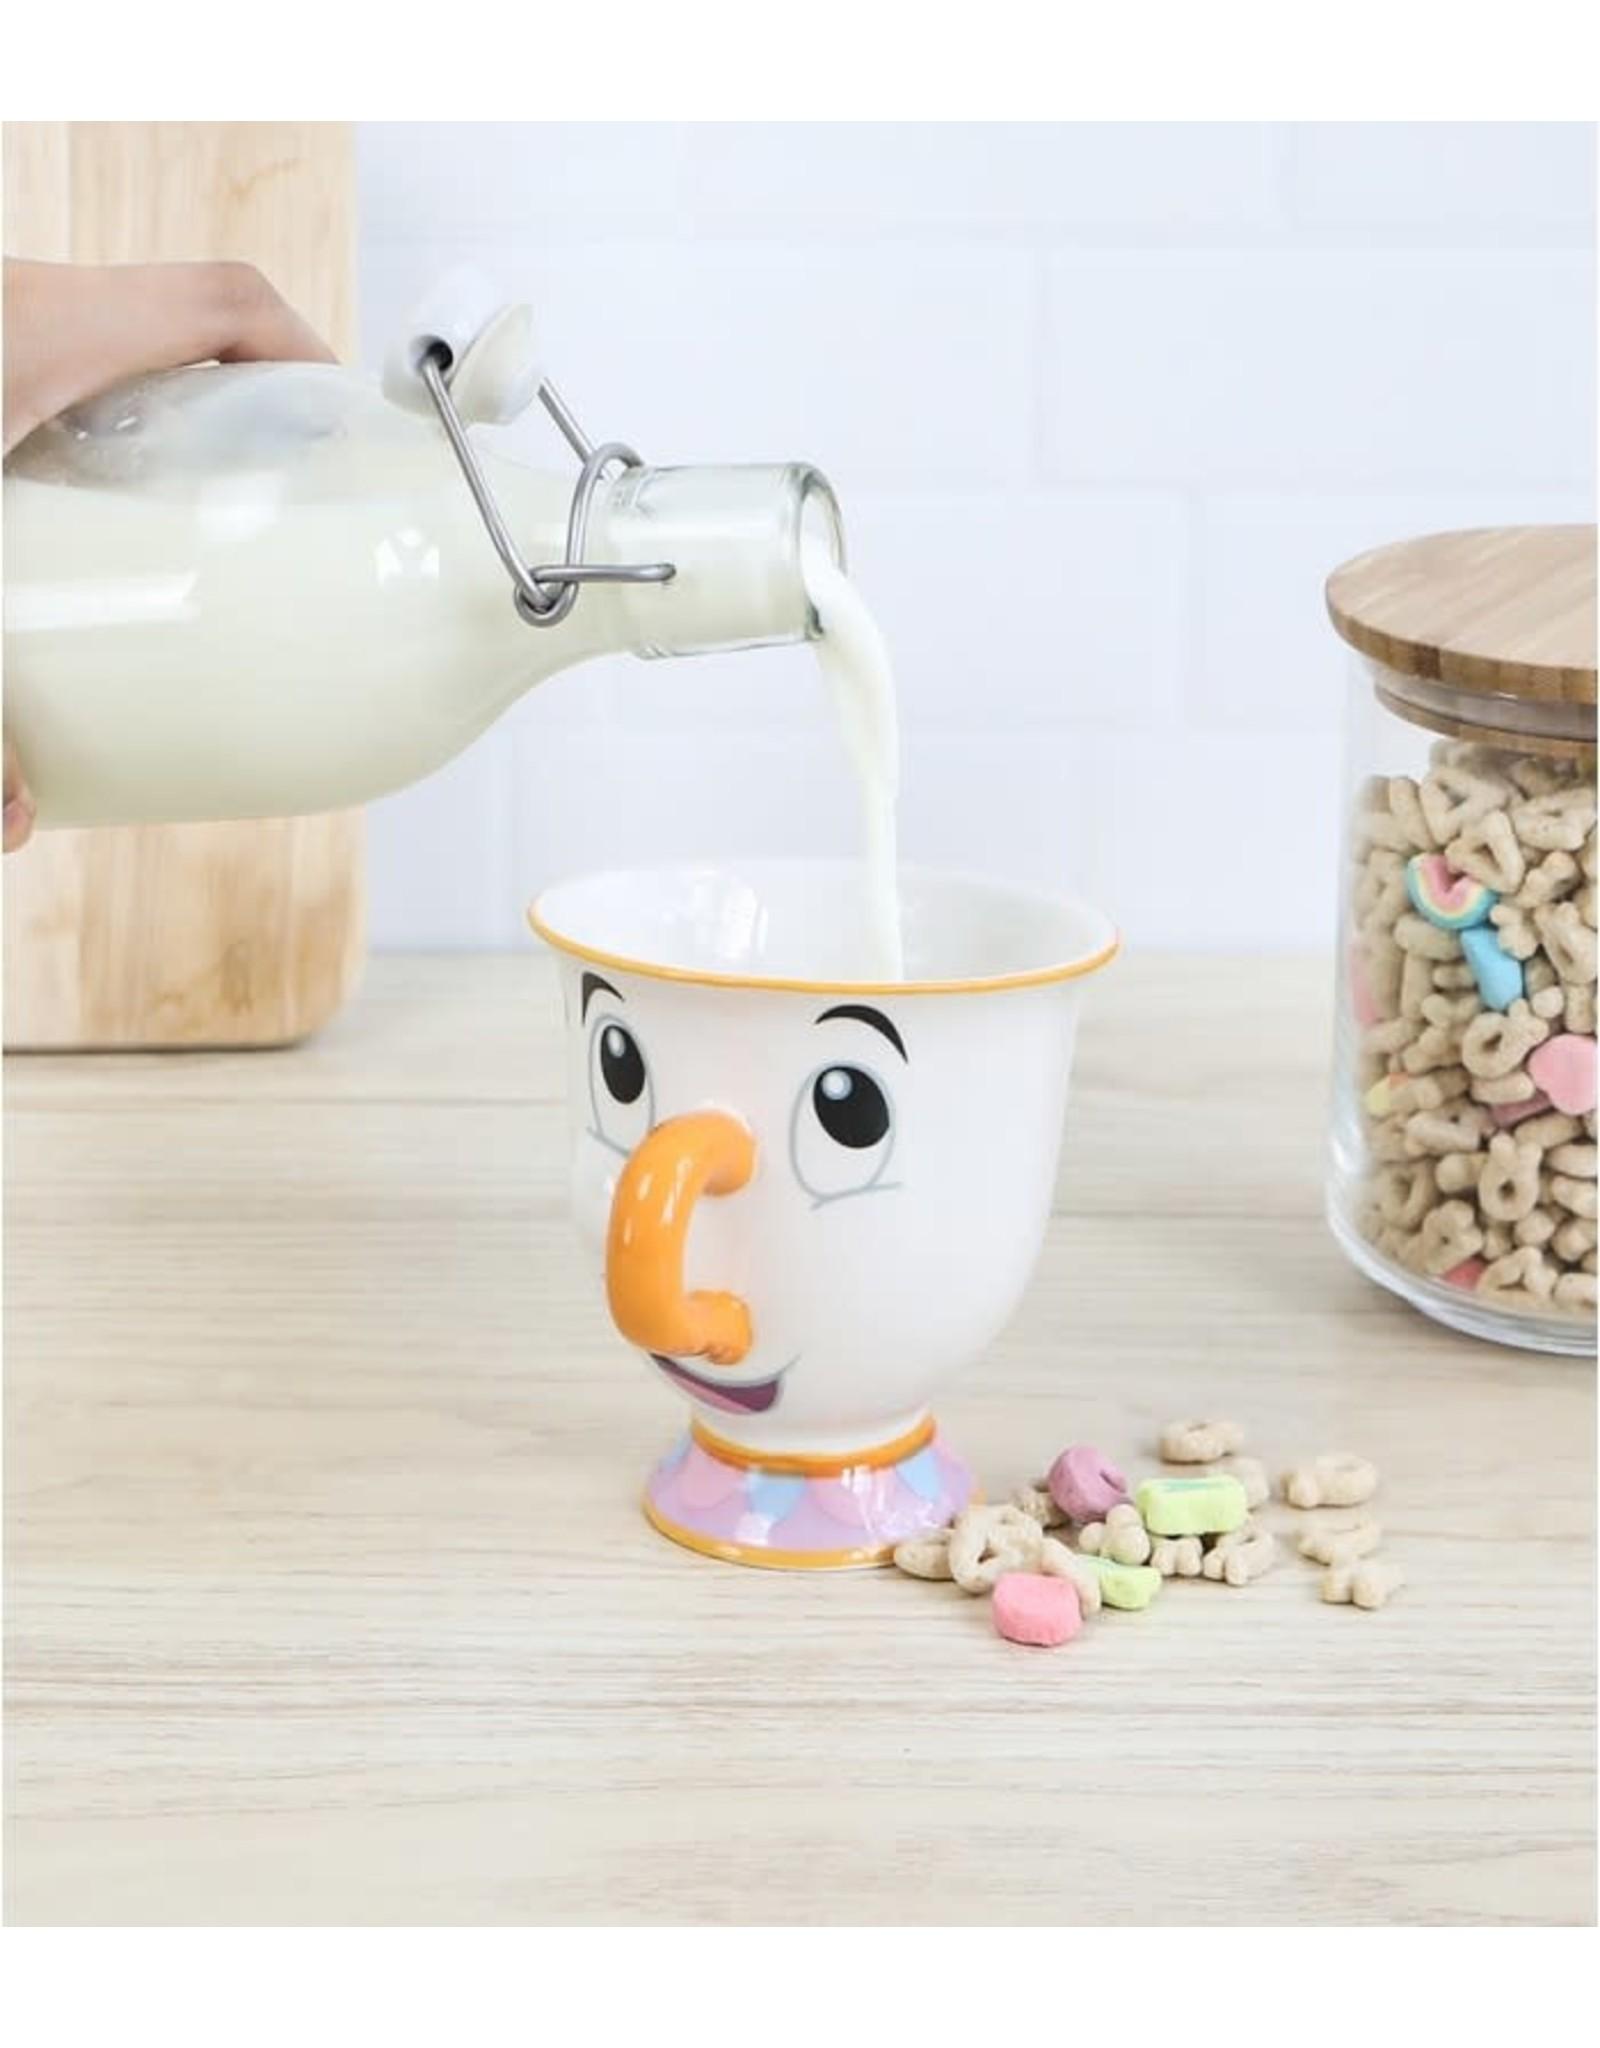 Paladone BEAUTY AND THE BEAST DISNEY Porcelain Mug 300ml - Chip